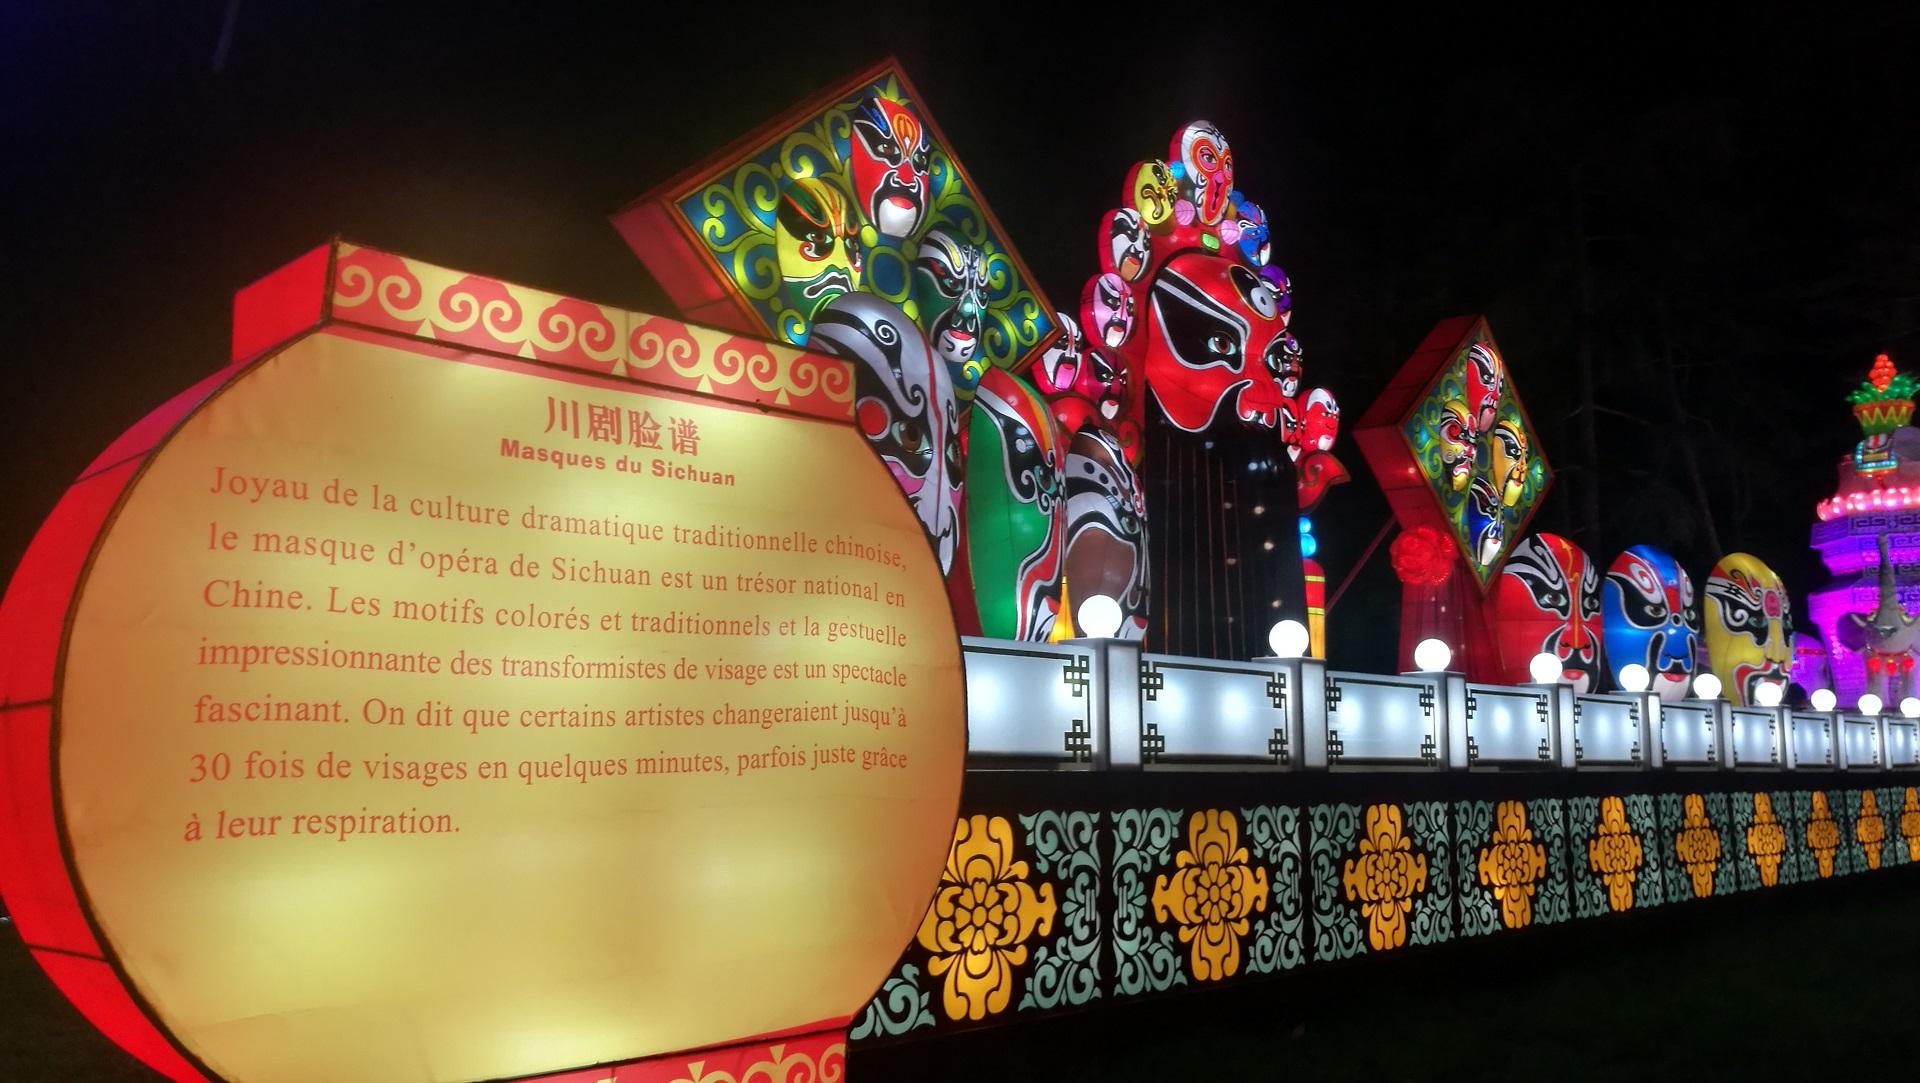 Masques Opéra du Sichuan